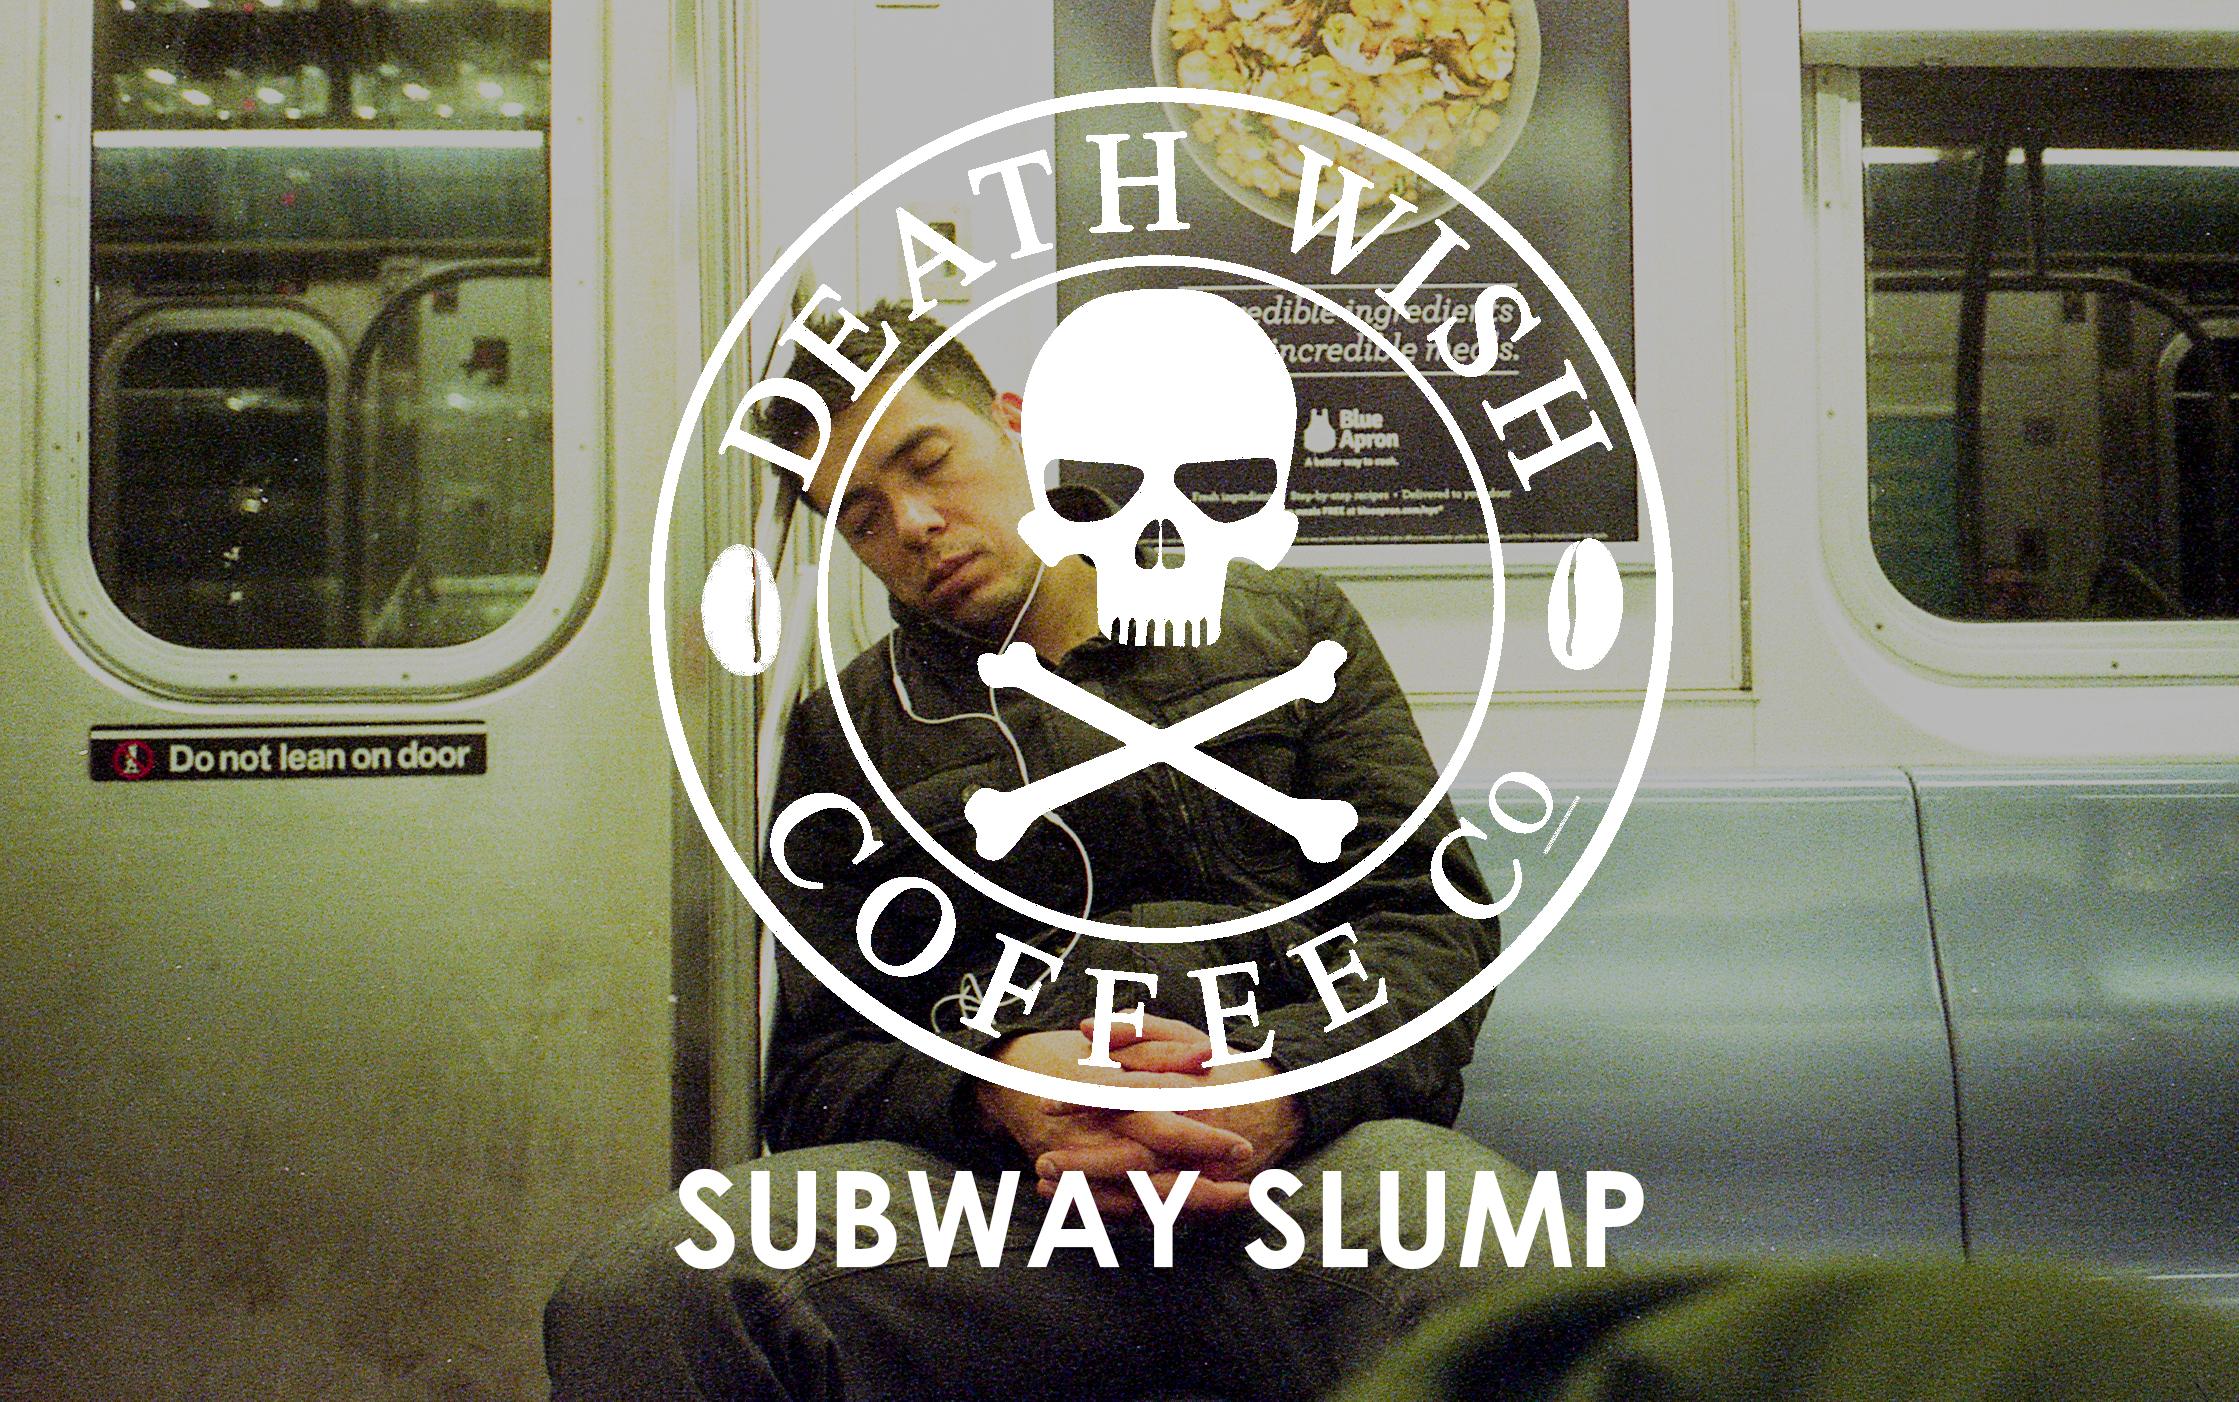 deathh-slump.jpg